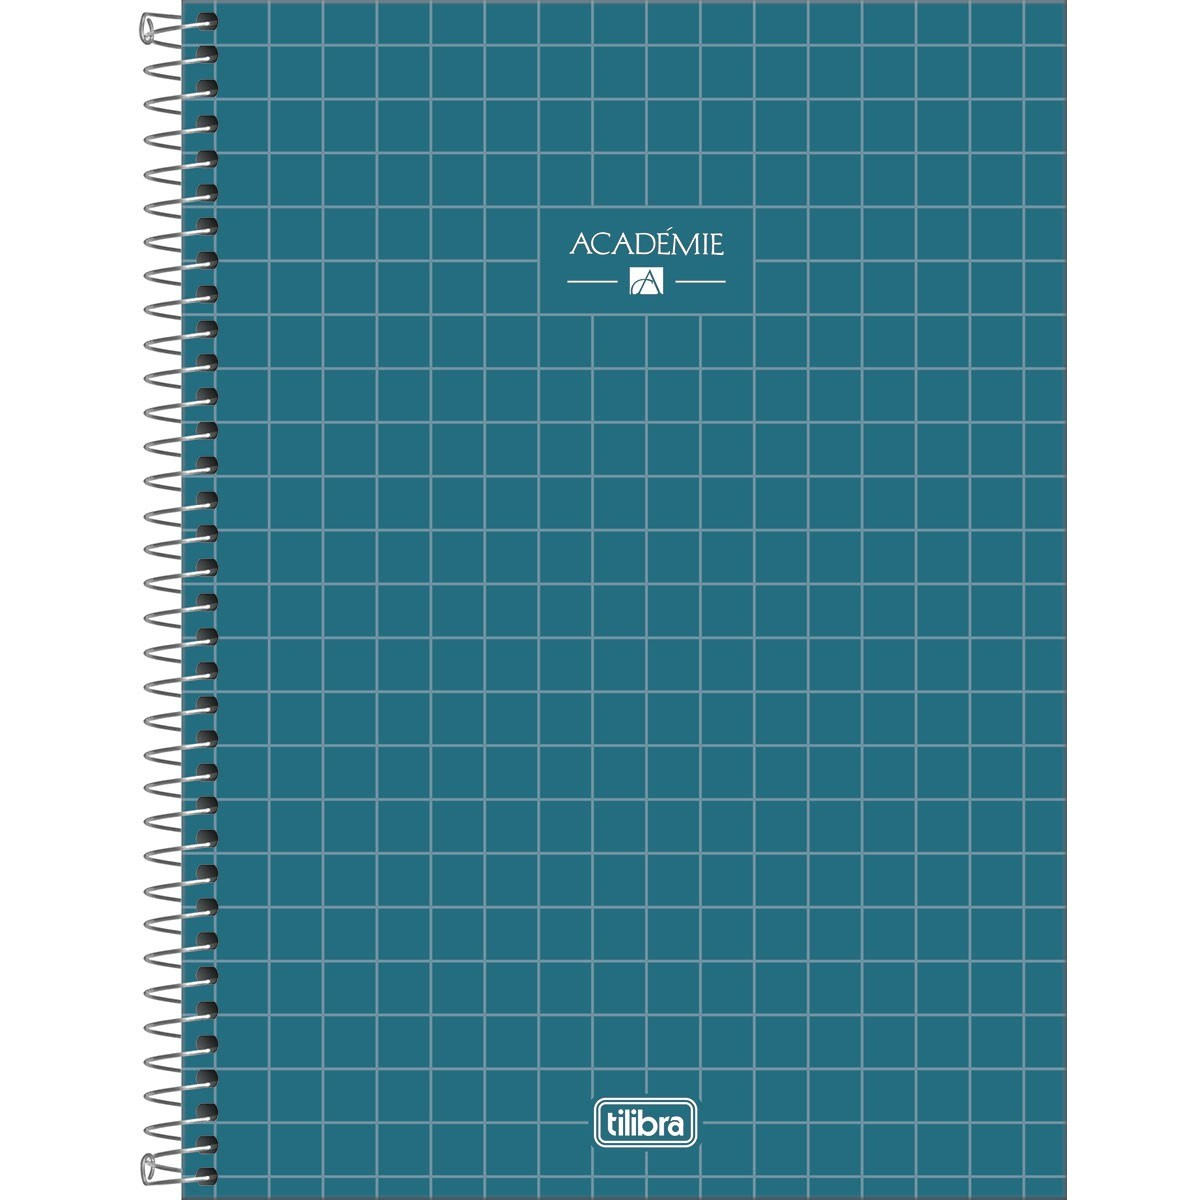 Caderno Espiral Capa Dura Universitário 10 Matérias Académie 160 Fls - Tilibra